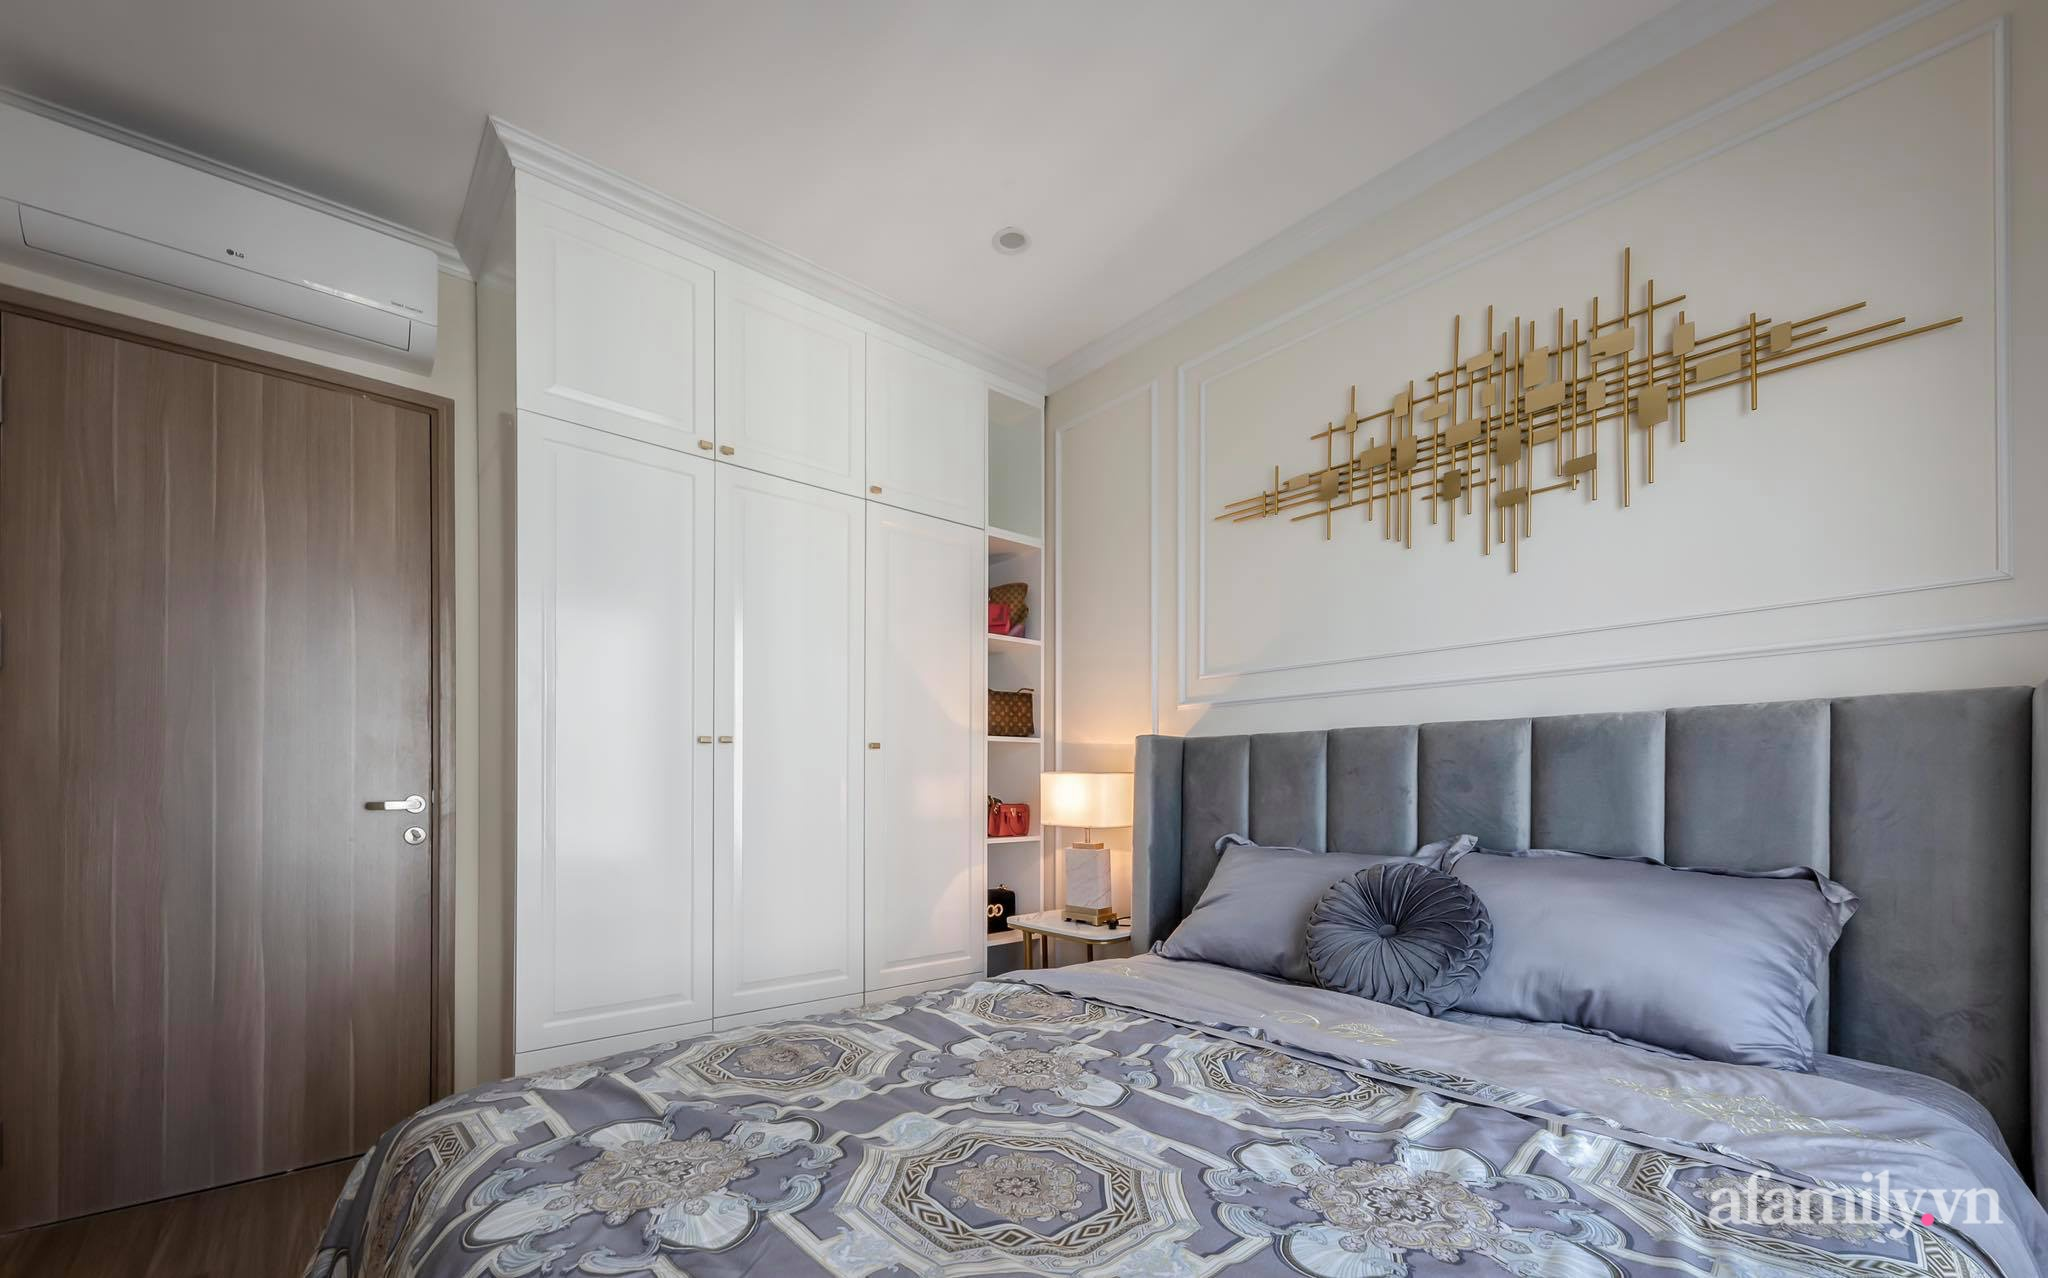 Căn hộ 55m² sang trọng đẳng cấp với phong cách Tân cổ điển có chi phí hoàn thiện nội thất 200 triệu đồng ở Sài Gòn - Ảnh 17.